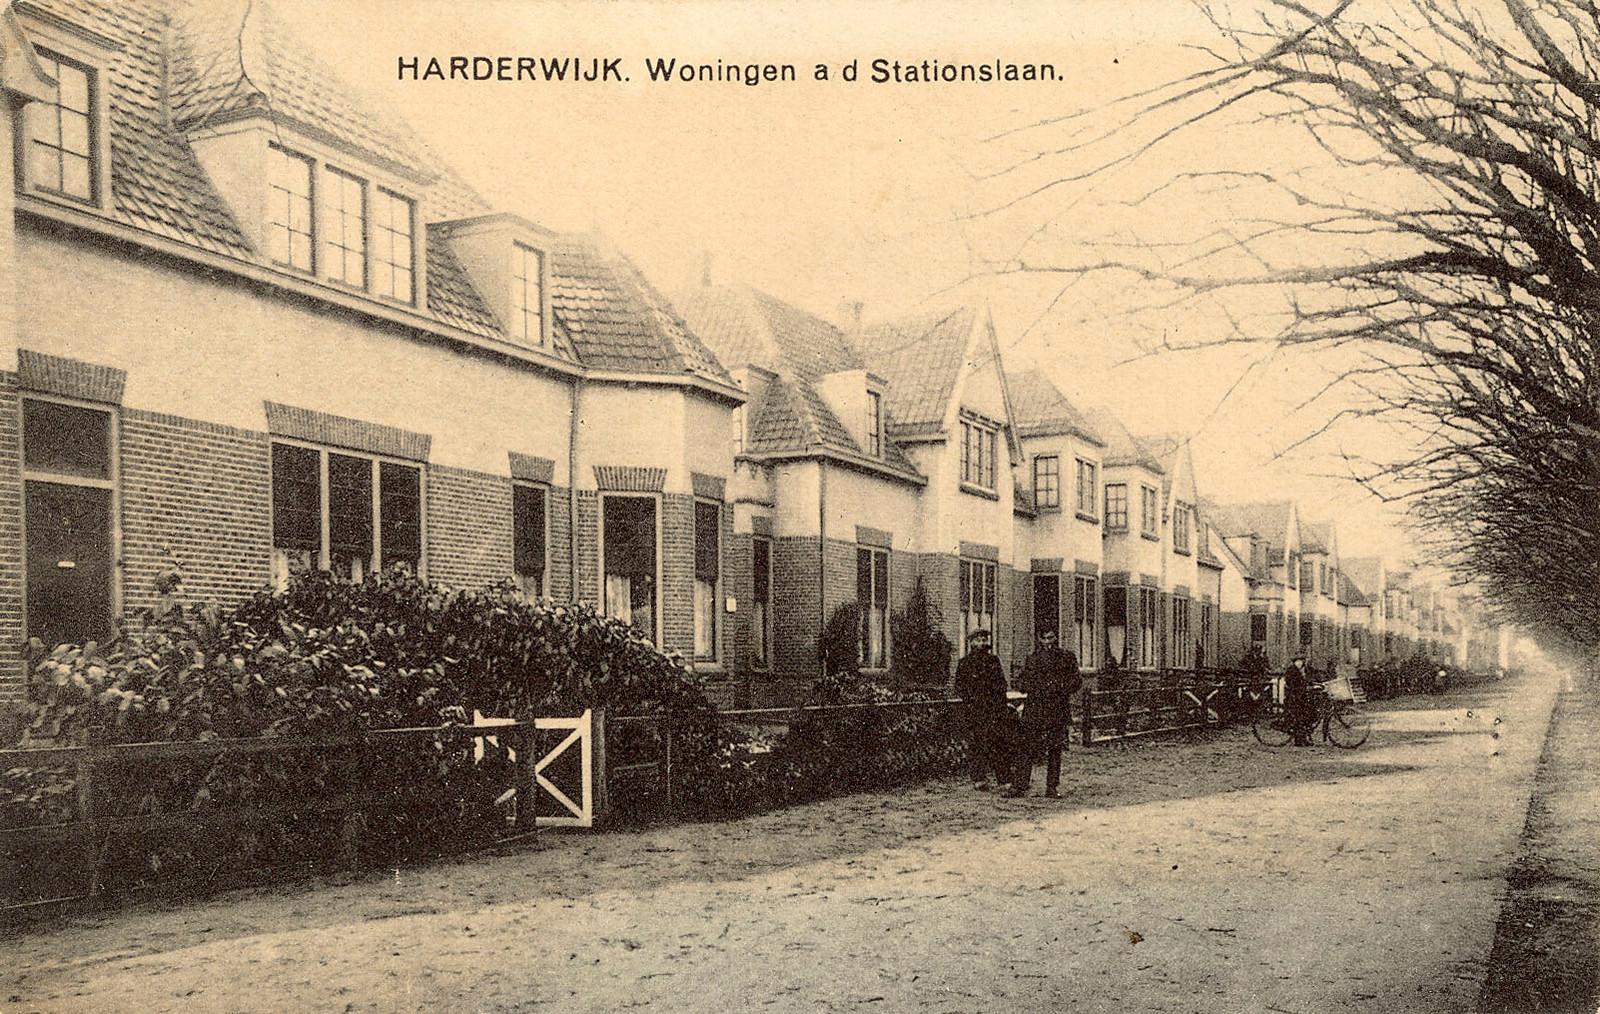 Woningen aan de Stationslaan in Harderwijk